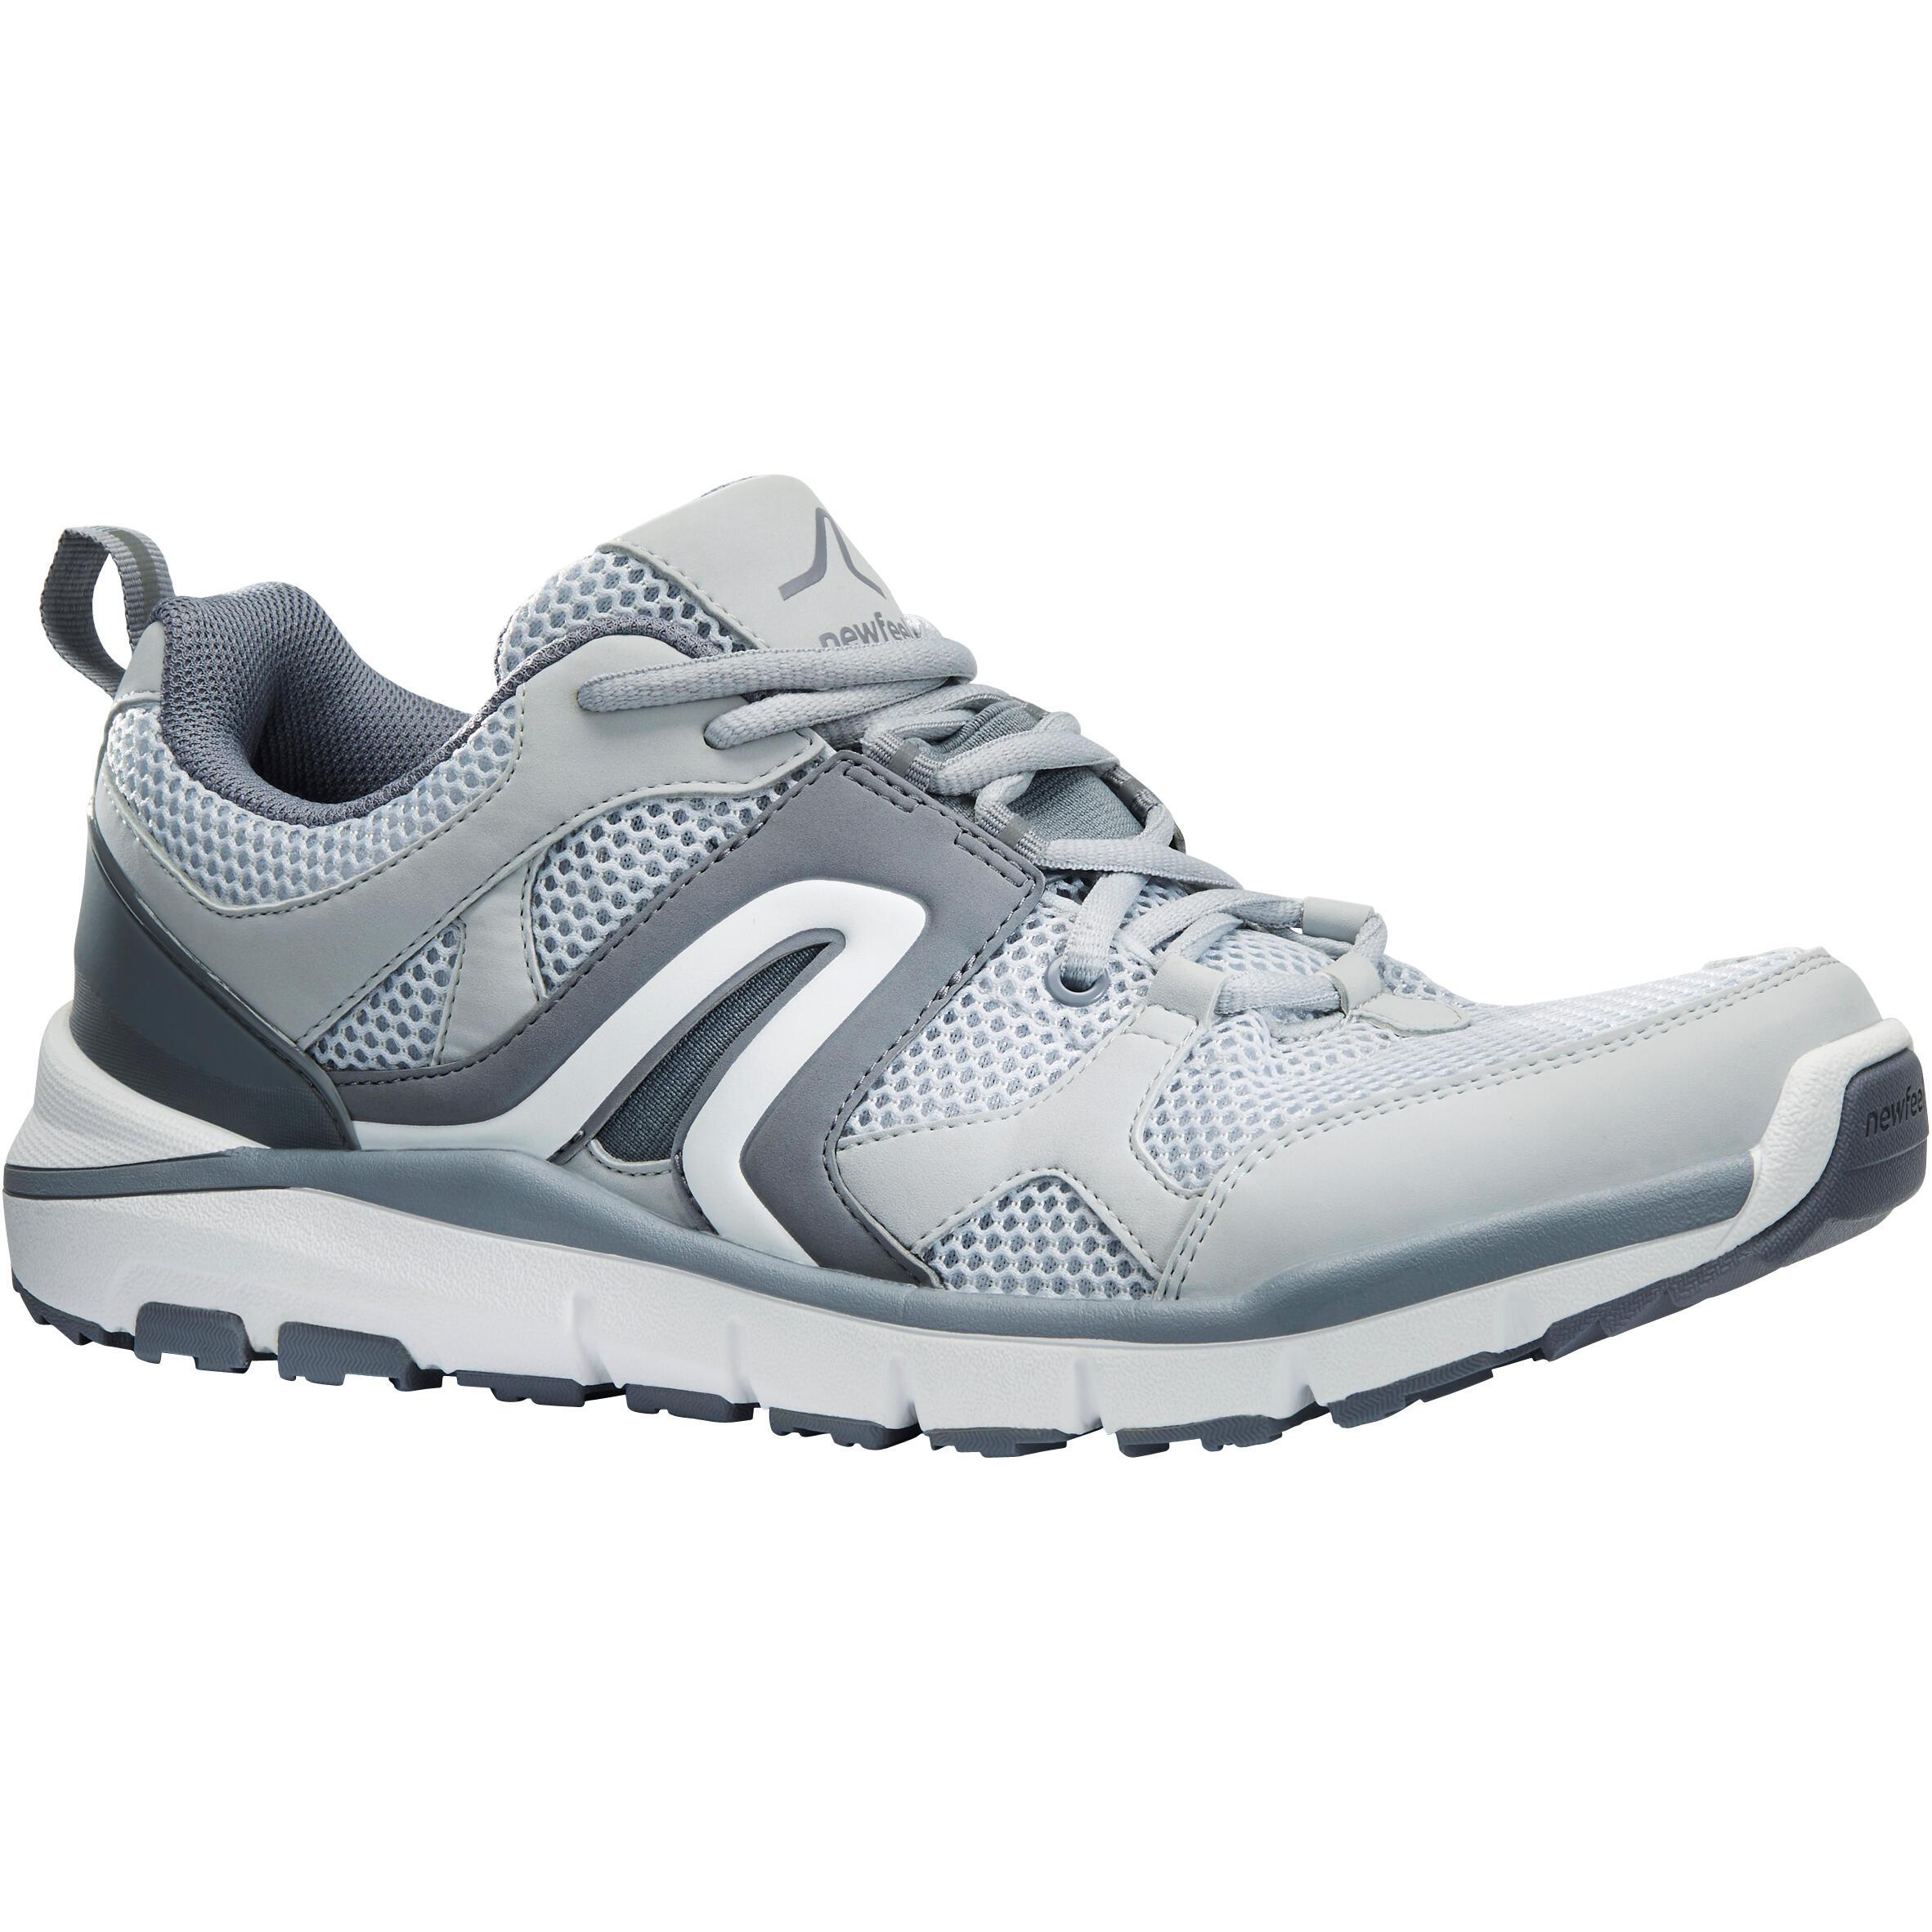 Copaya Herensneakers voor sportief wandelen HW 500 mesh grijs